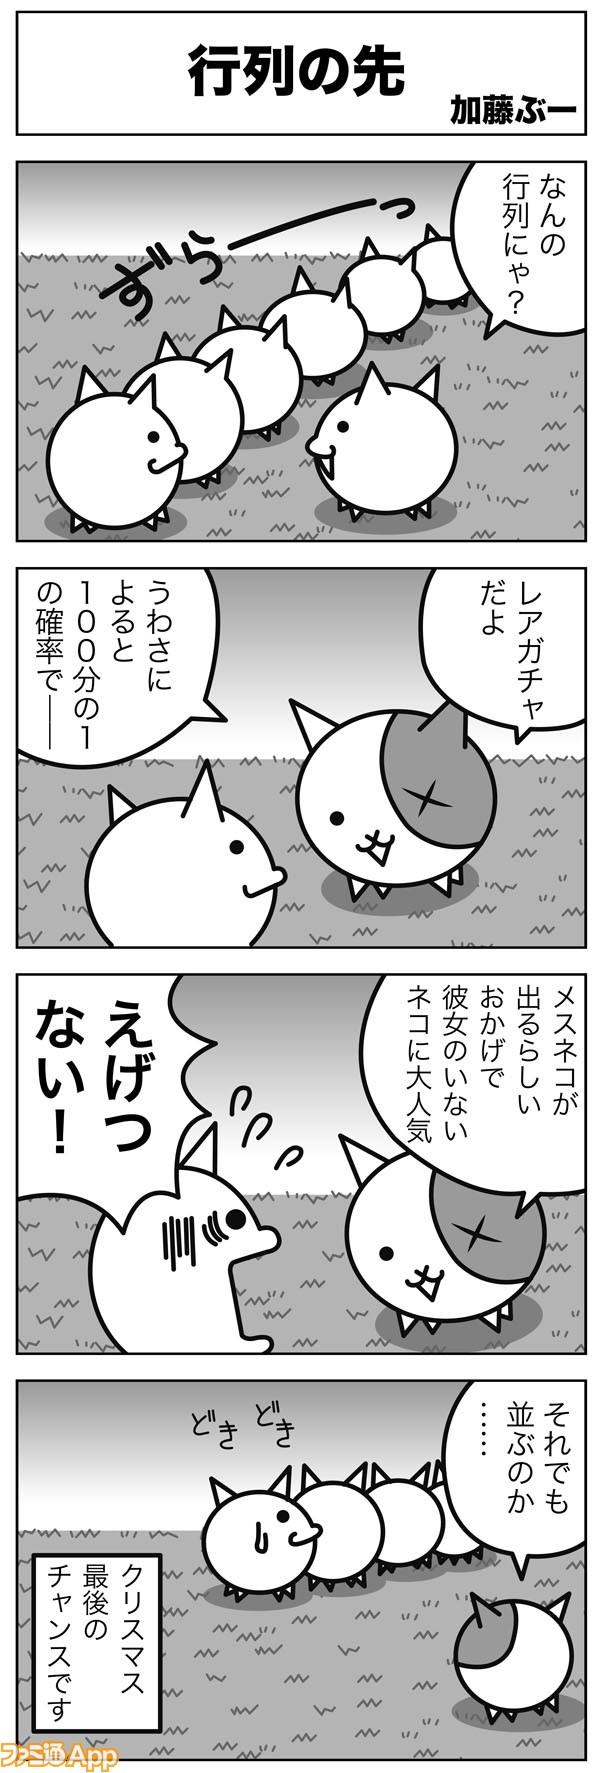 04kato-072